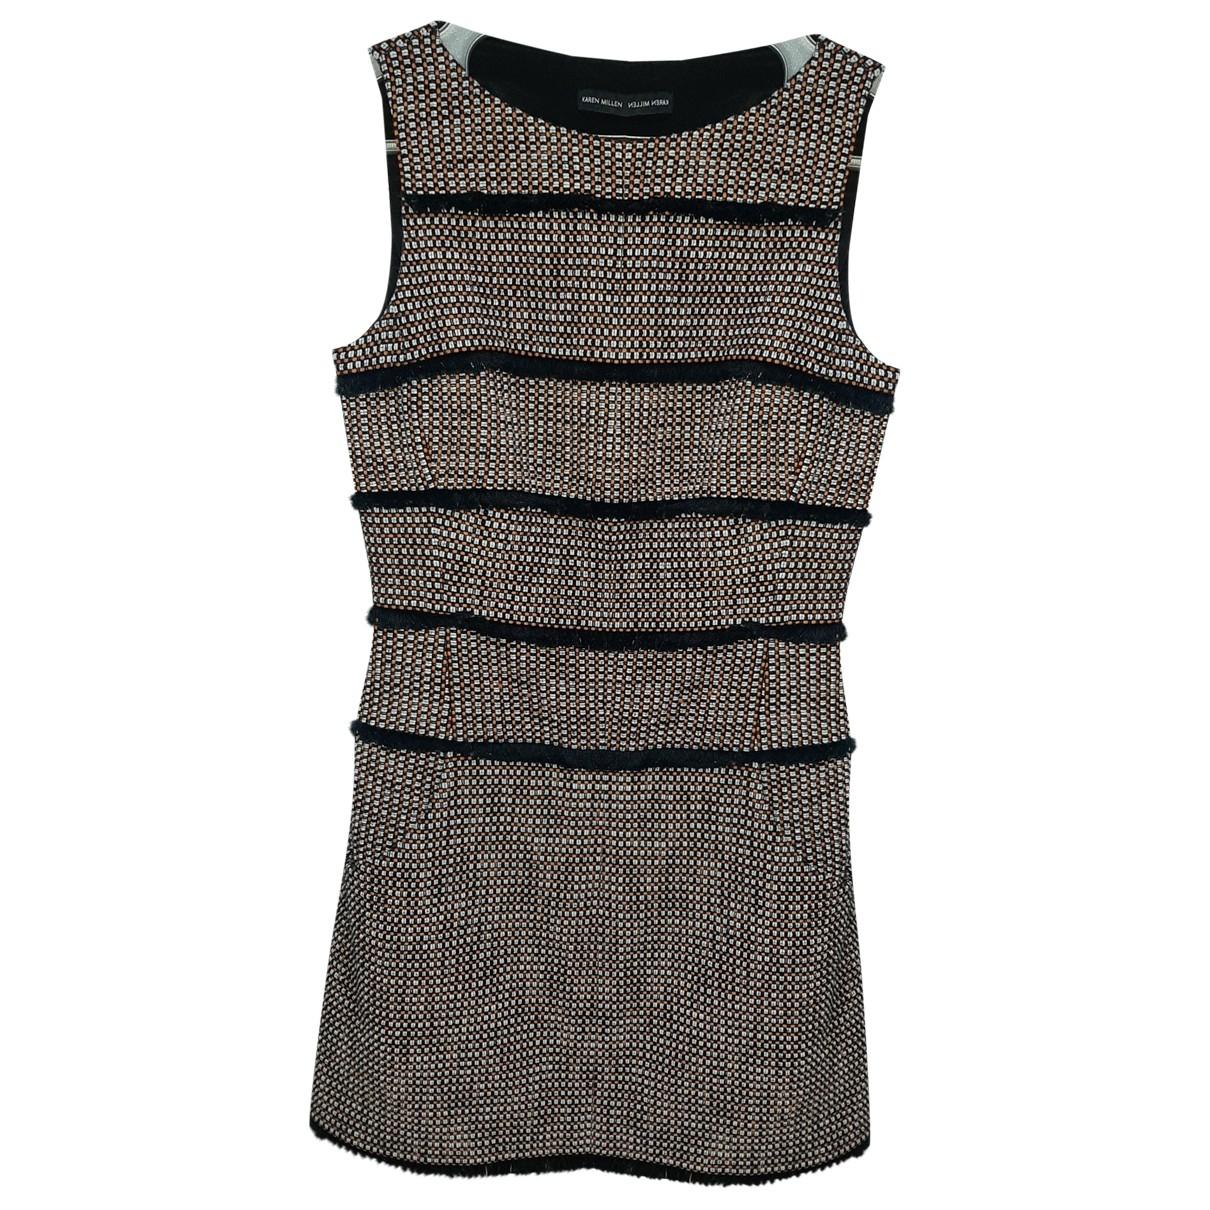 Karen Millen \N Kleid in  Schwarz Baumwolle